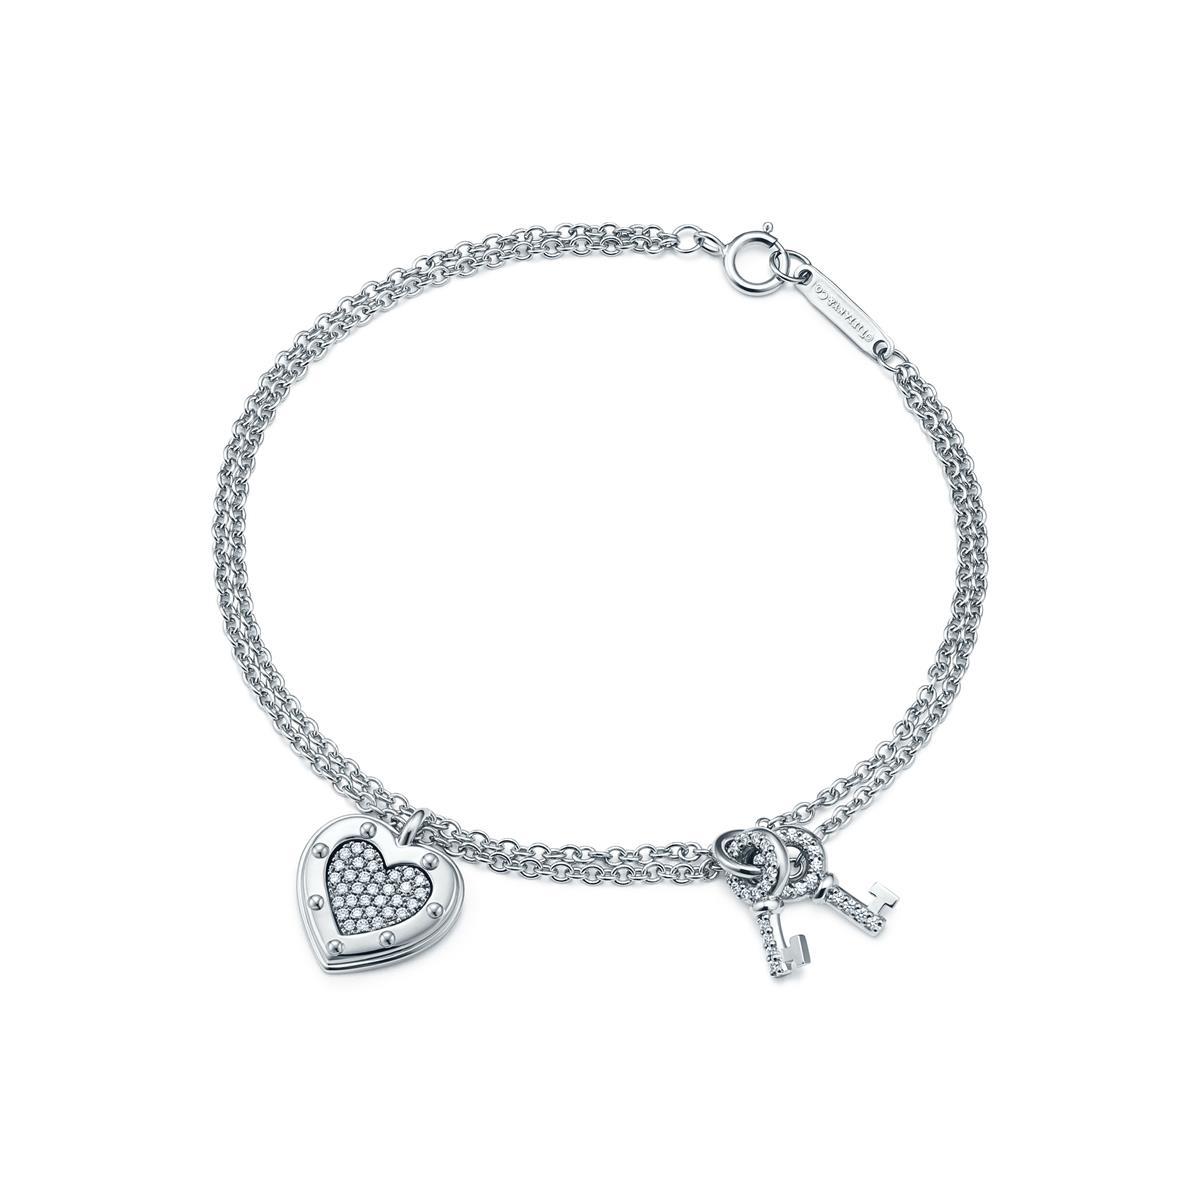 05_Tiffany RTT Love_36339667_bracelet (Copy)